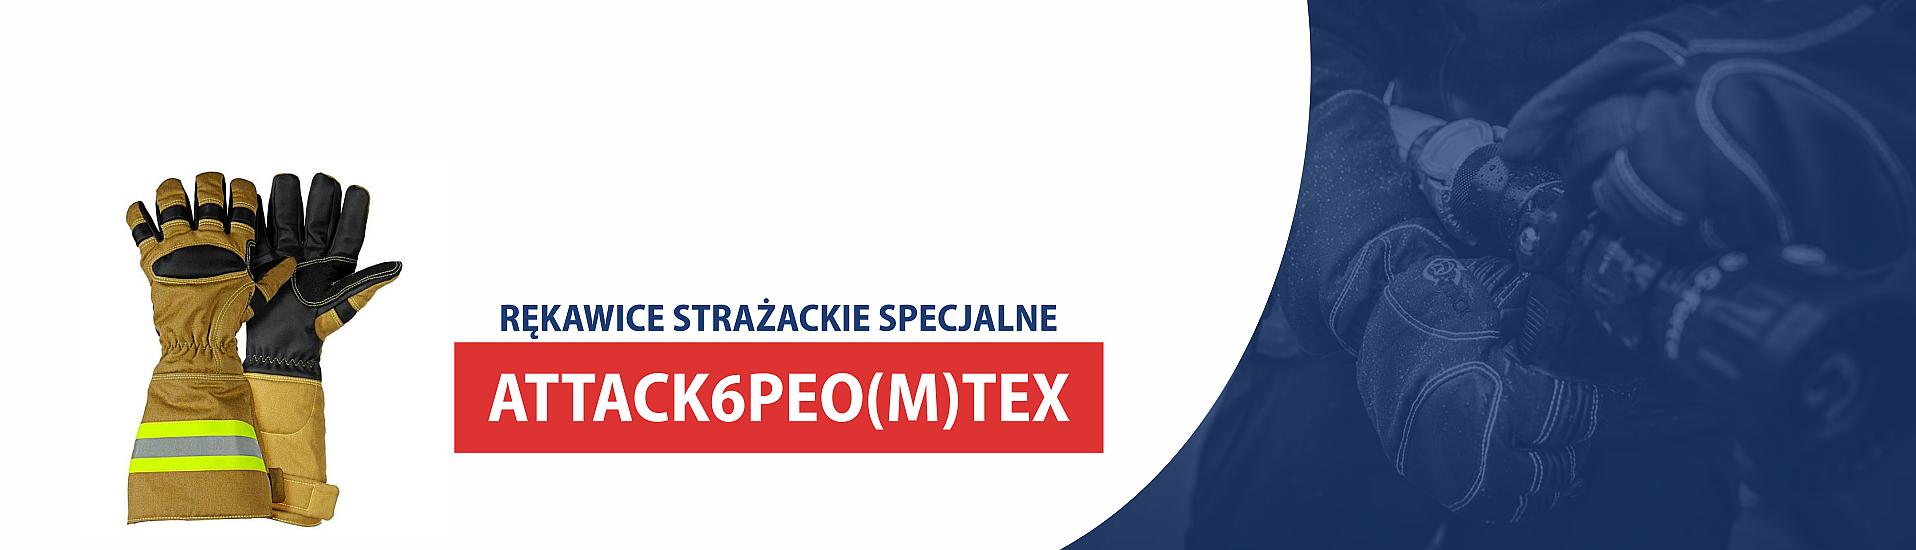 attack6peomtex_p